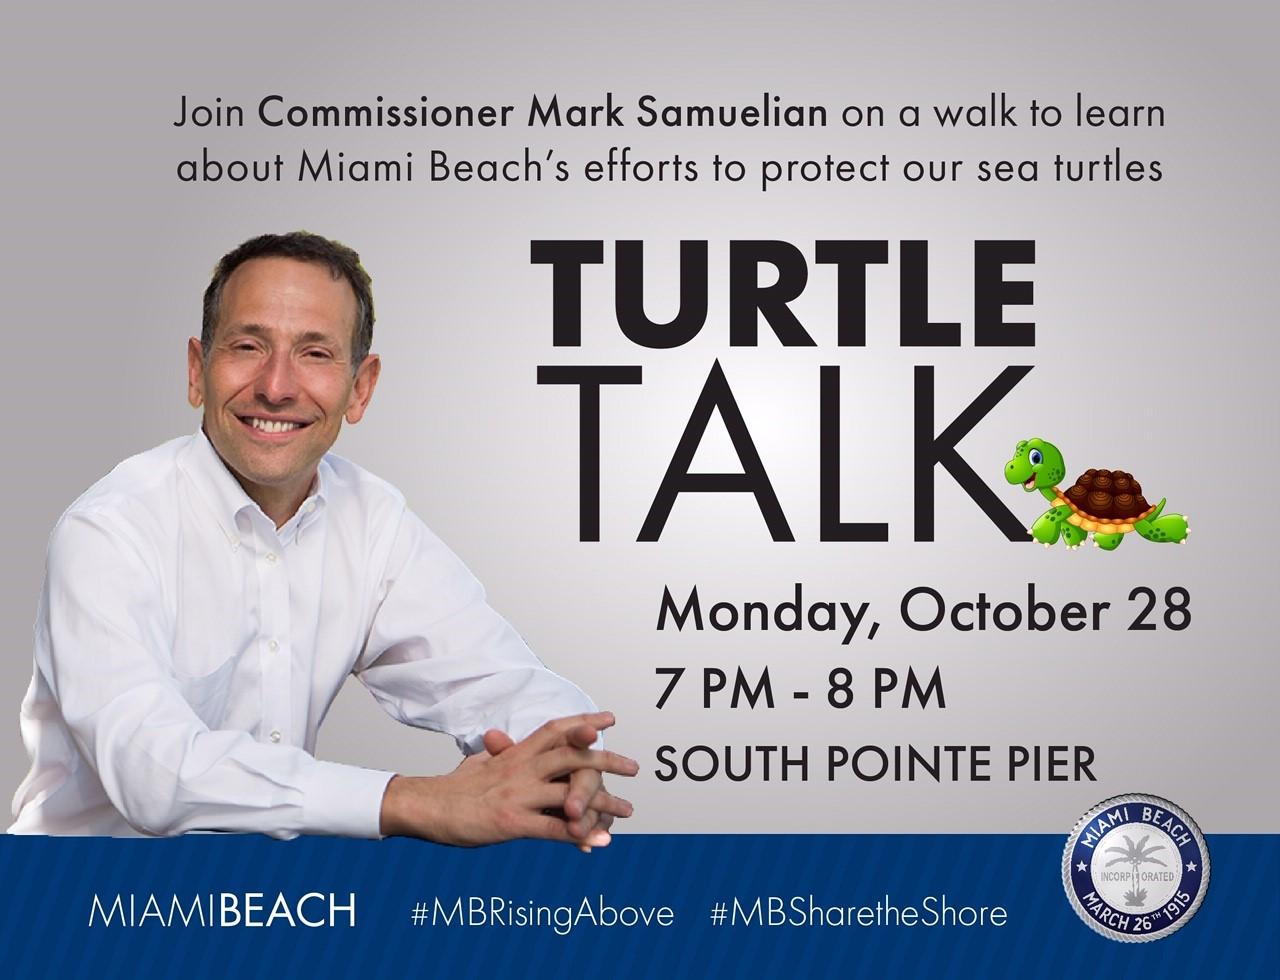 Turtle Talk with Commissioner Mark Samuelian